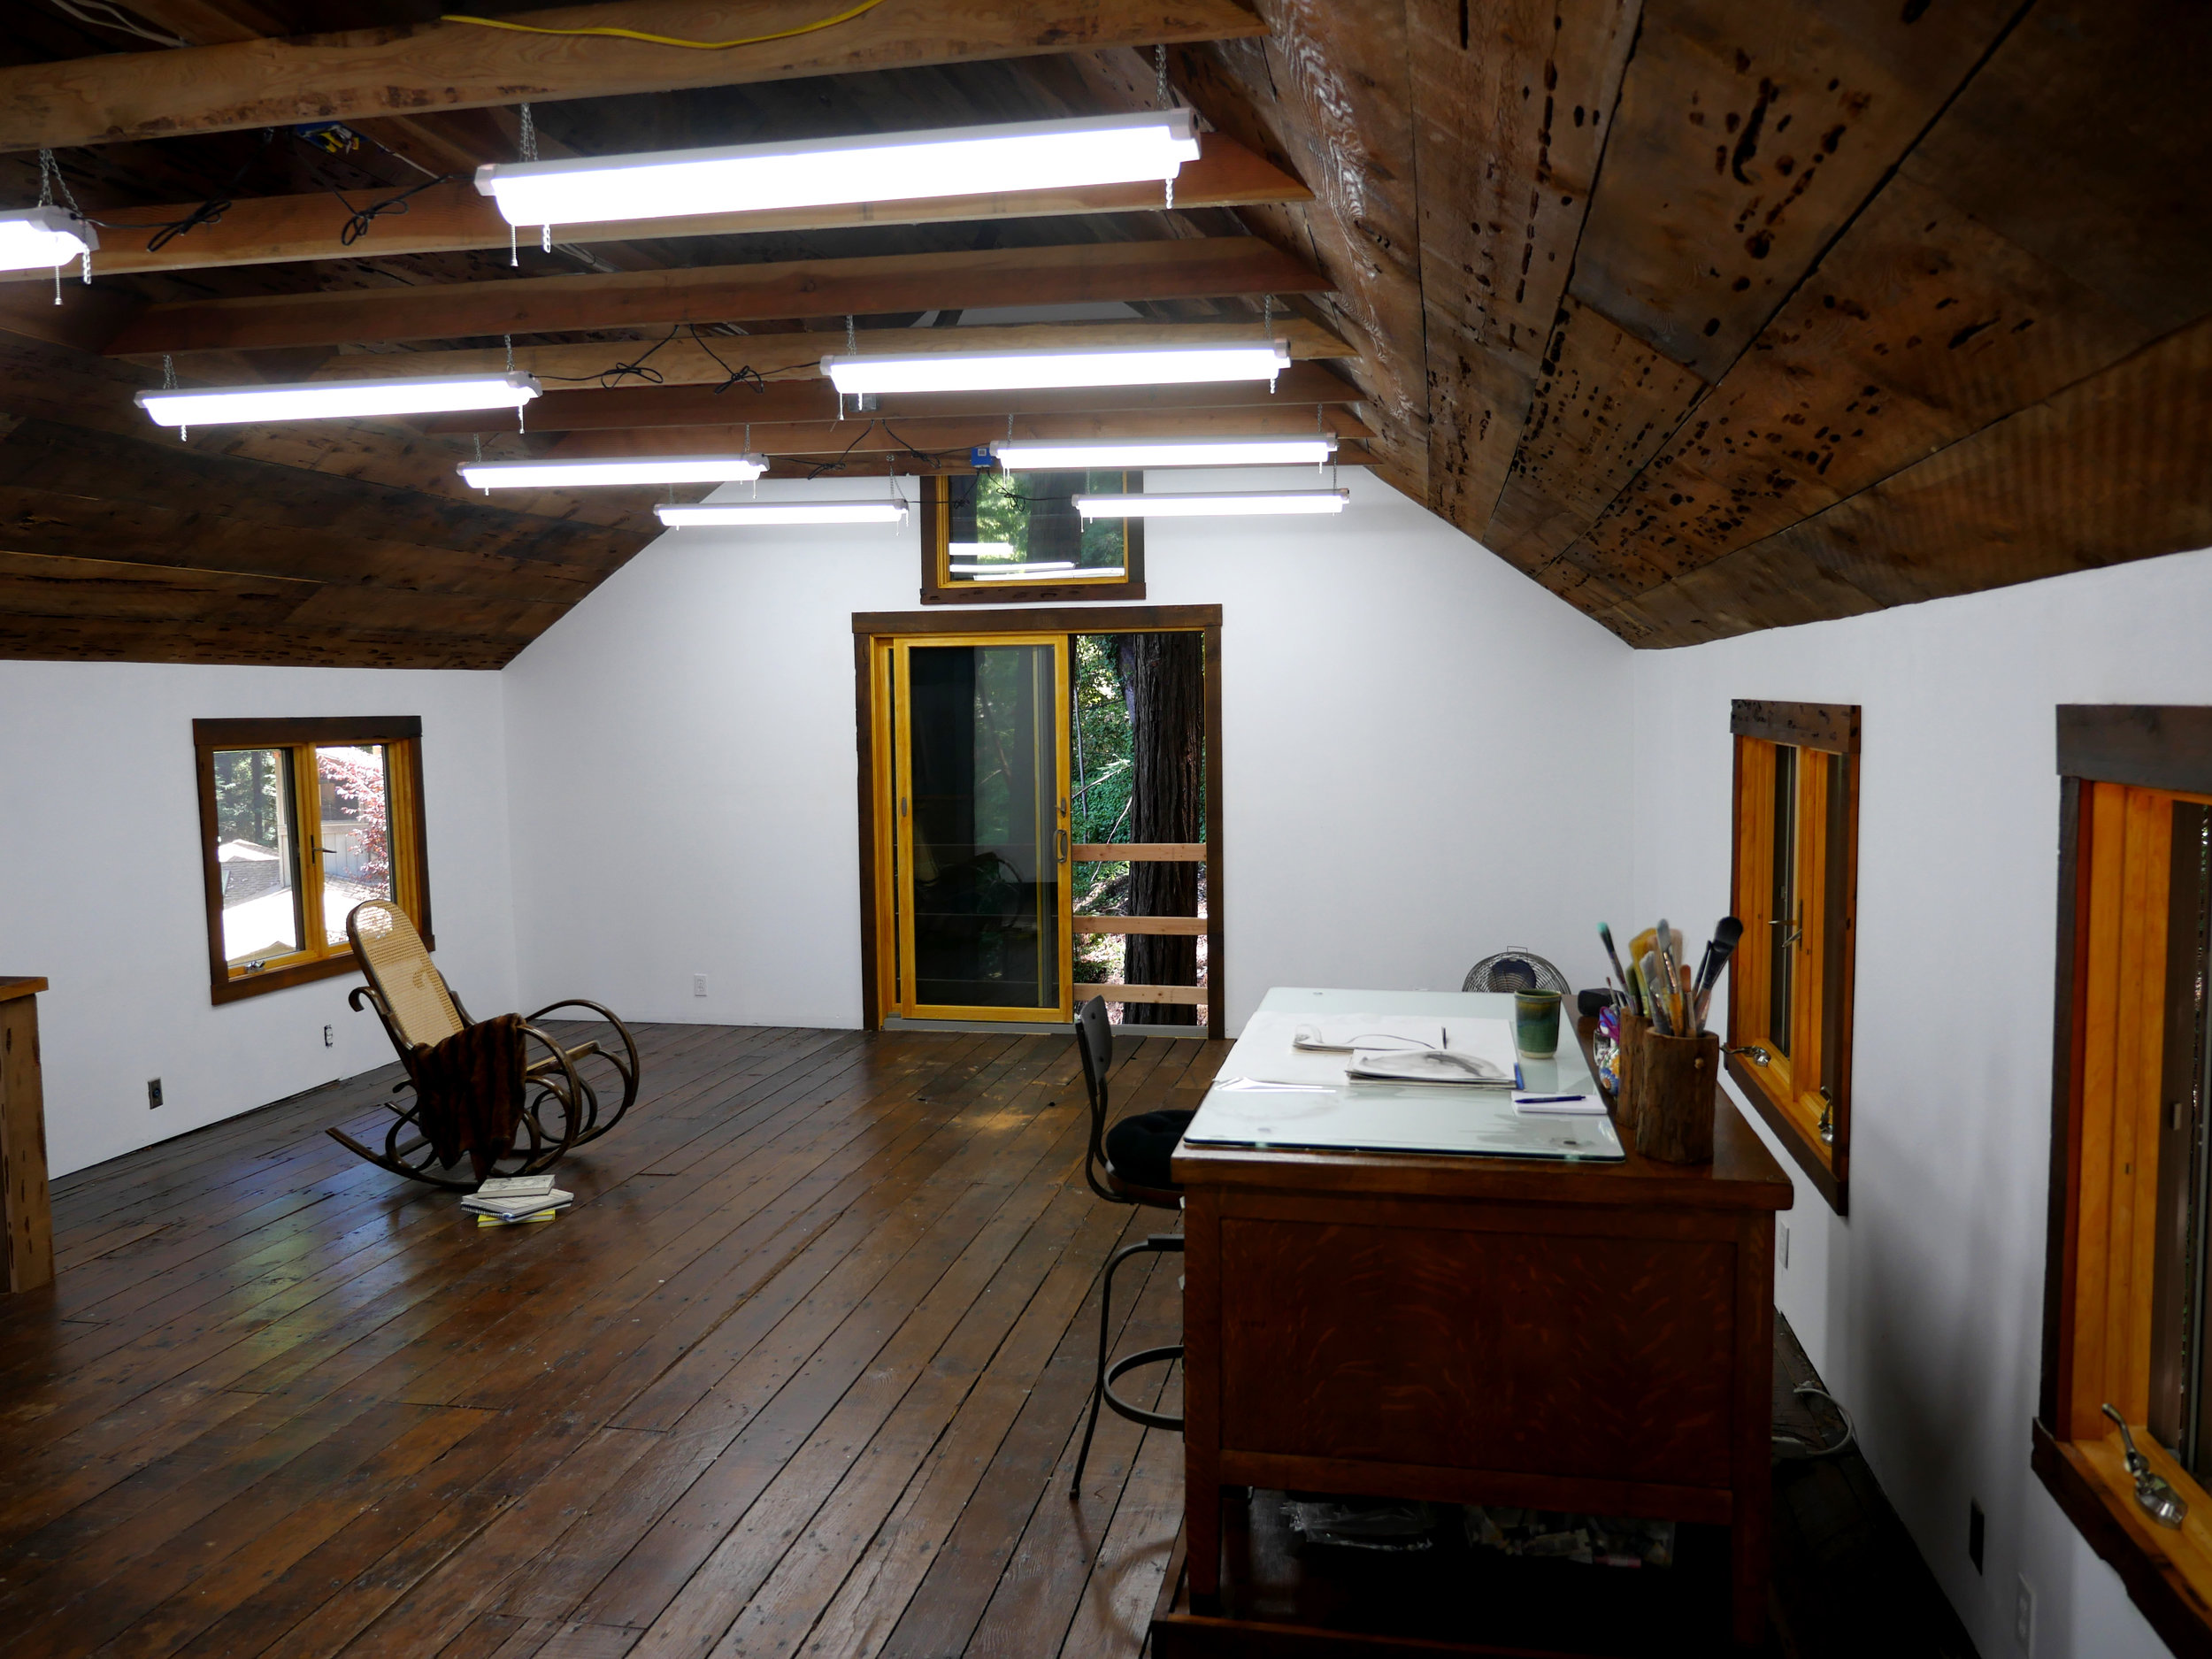 barn interior 2.jpg